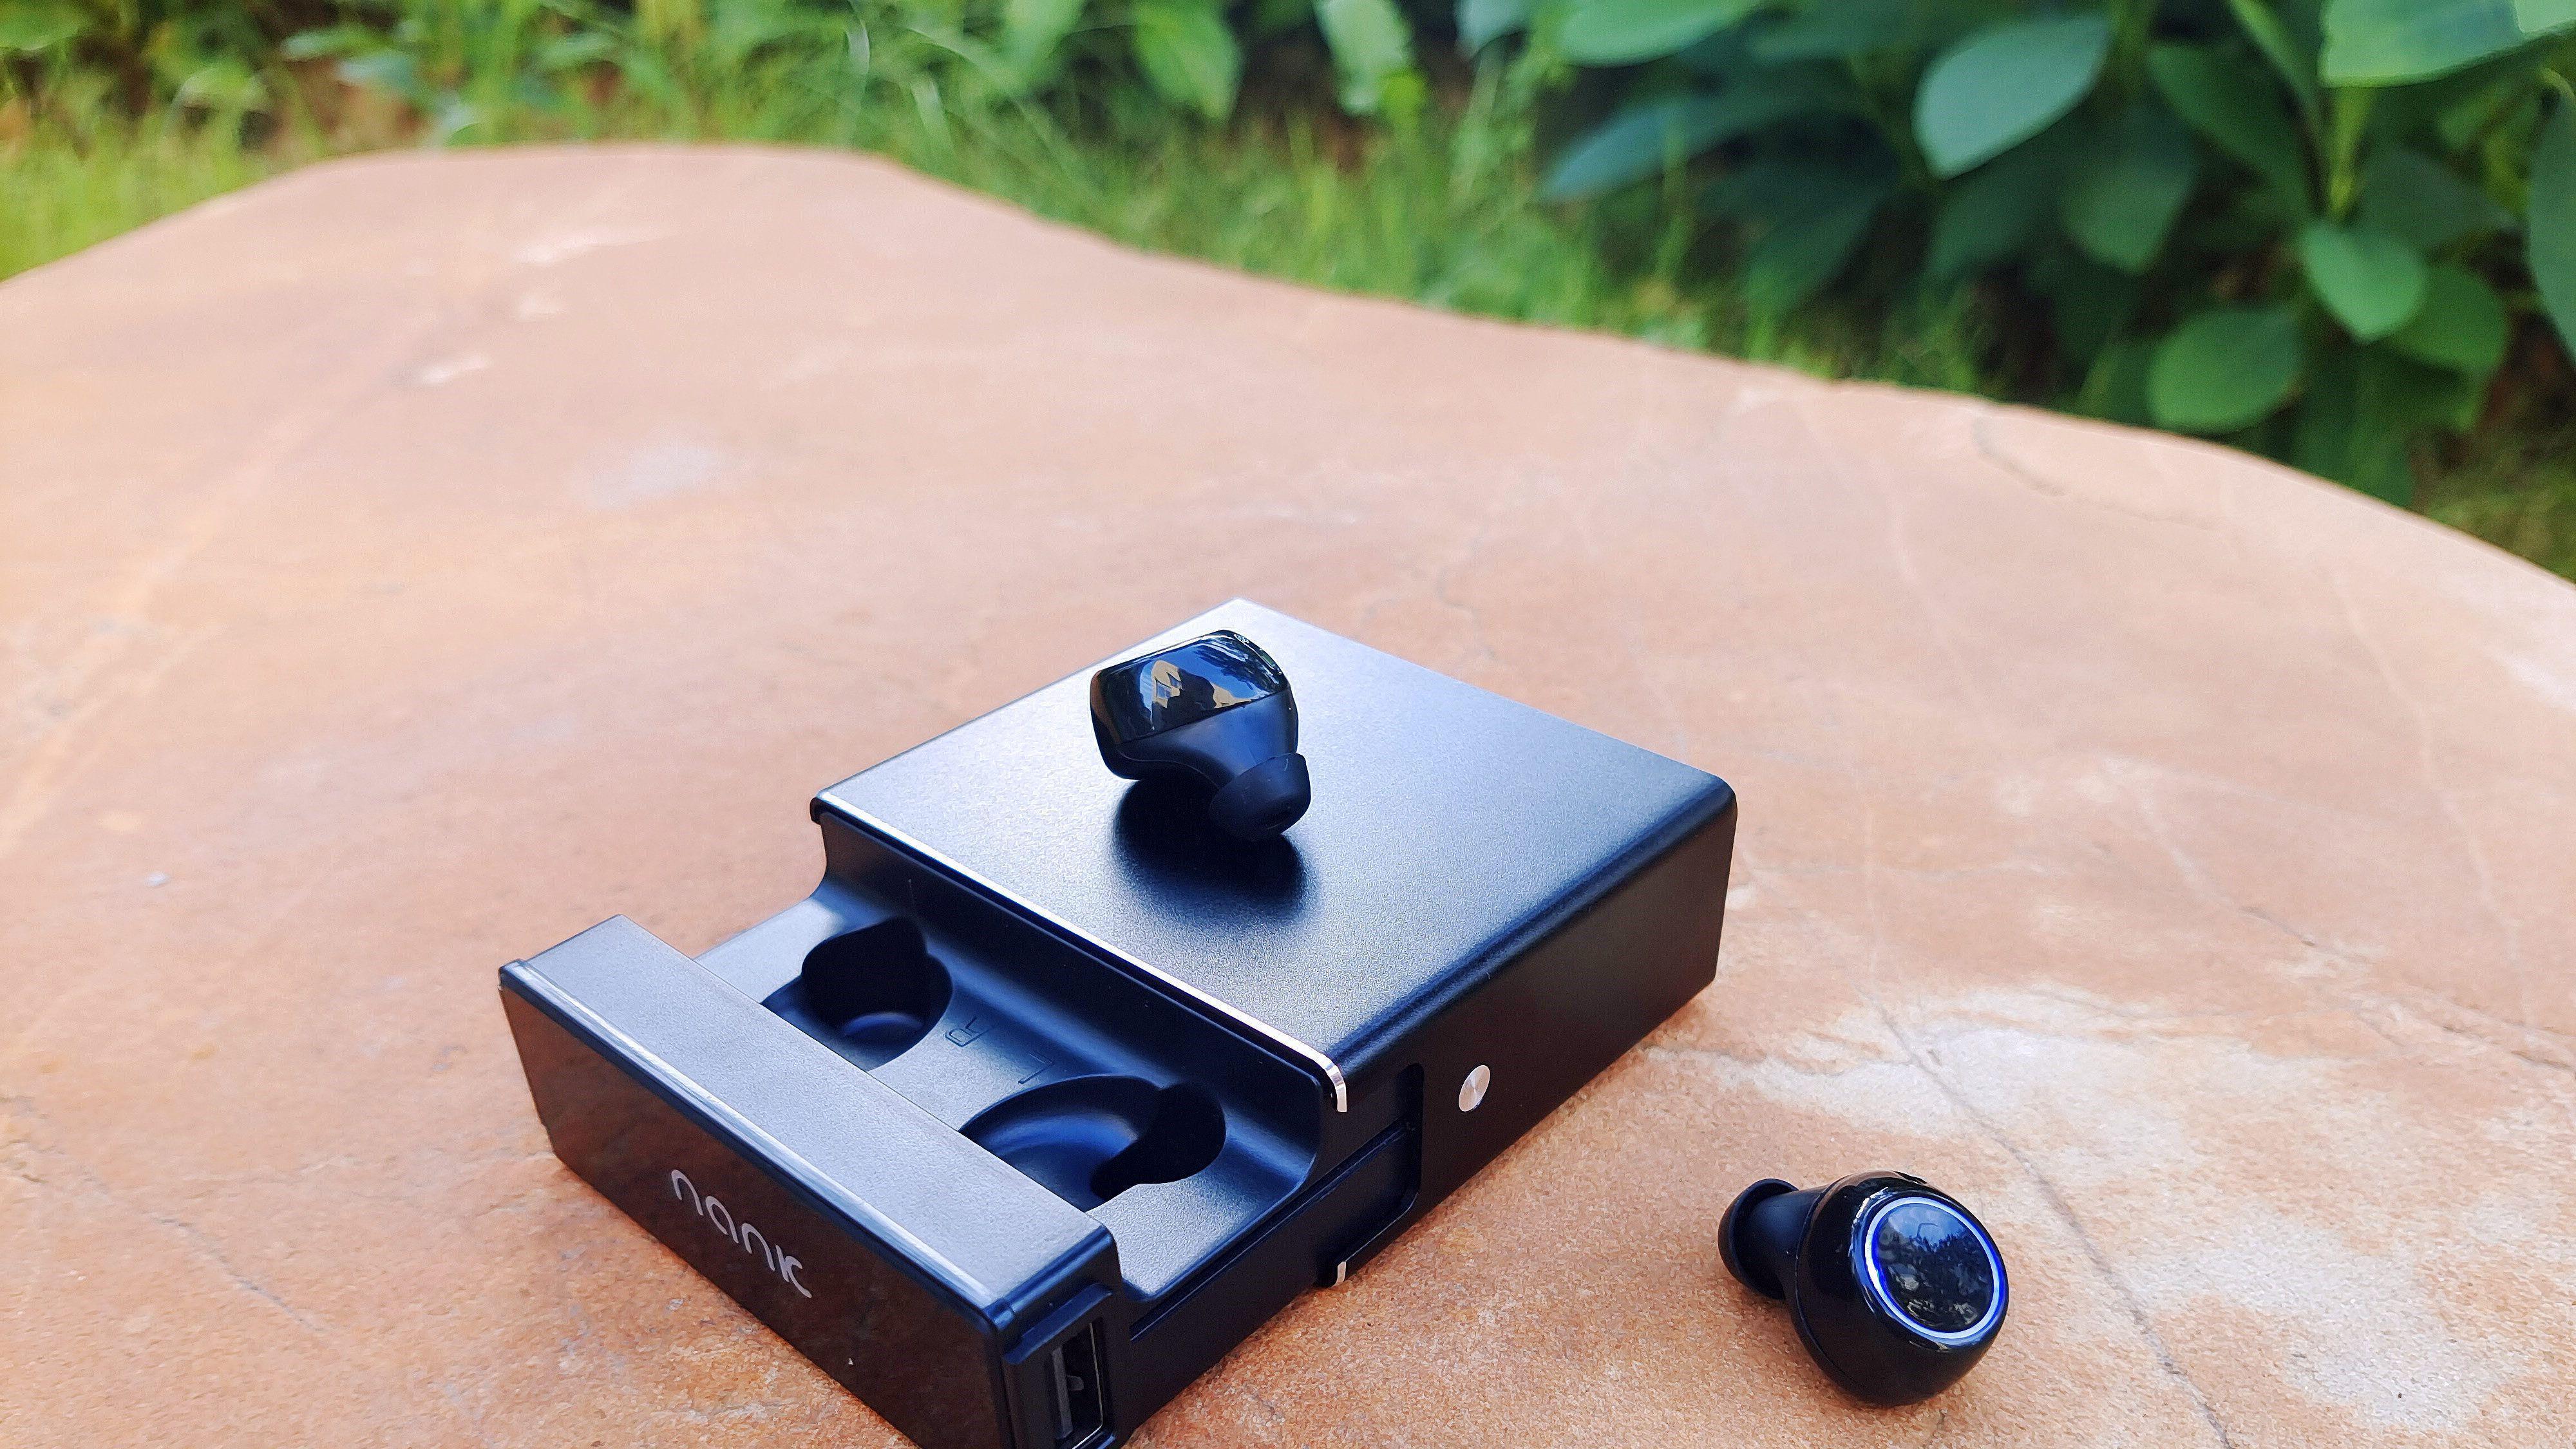 年度最独特的真无线蓝牙耳机,好音质还可做充电宝的南卡N2S评测